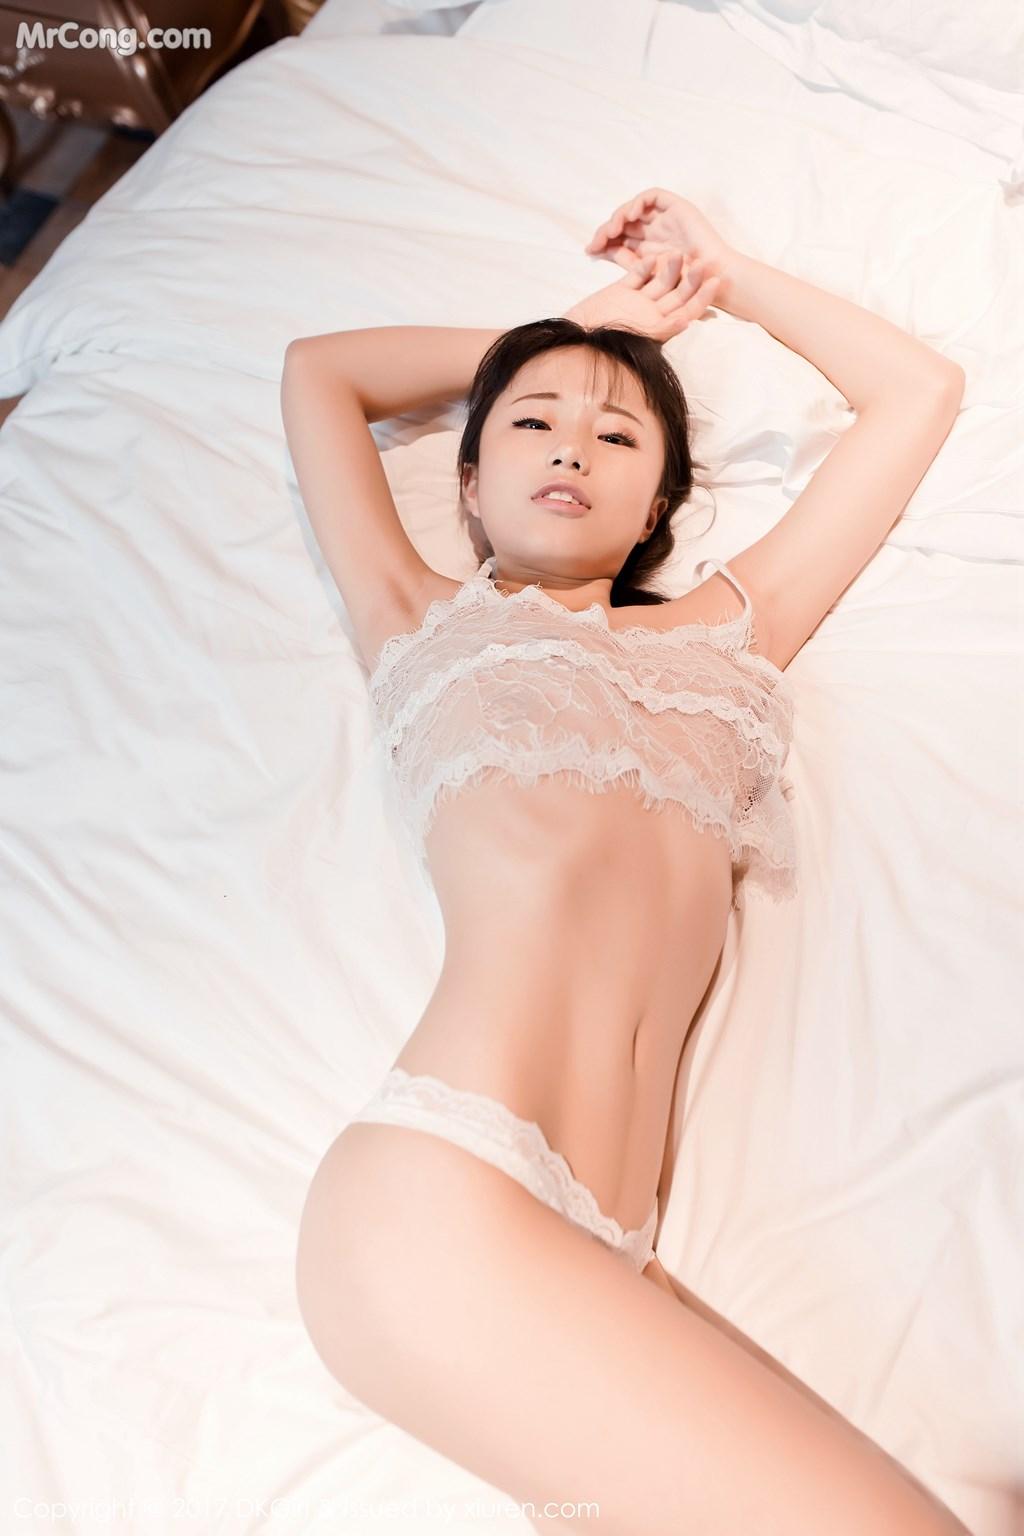 Image DKGirl-Vol.046-Cang-Jing-You-Xiang-MrCong.com-030 in post DKGirl Vol.046: Người mẫu Cang Jing You Xiang (仓井优香) (57 ảnh)